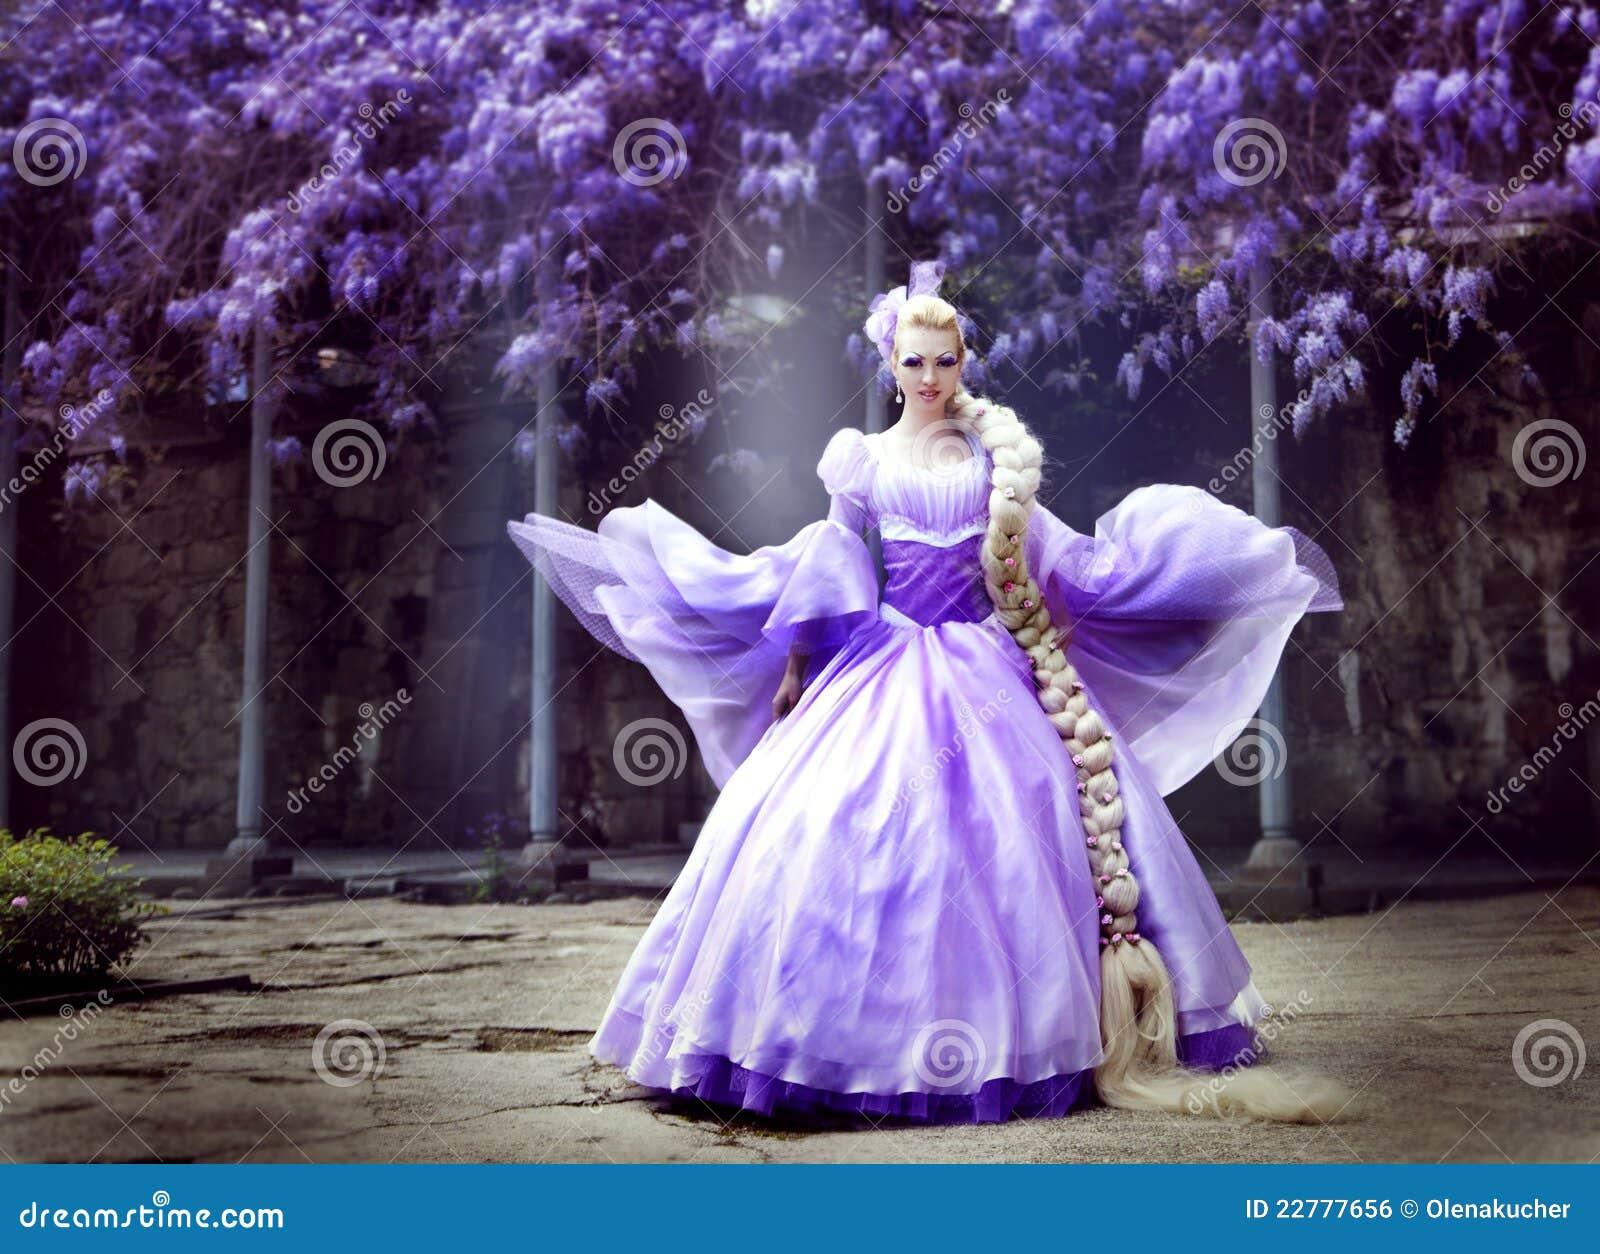 La belle princesse avec une longue tresse image libre de droits image 22777656 - La belle princesse ...